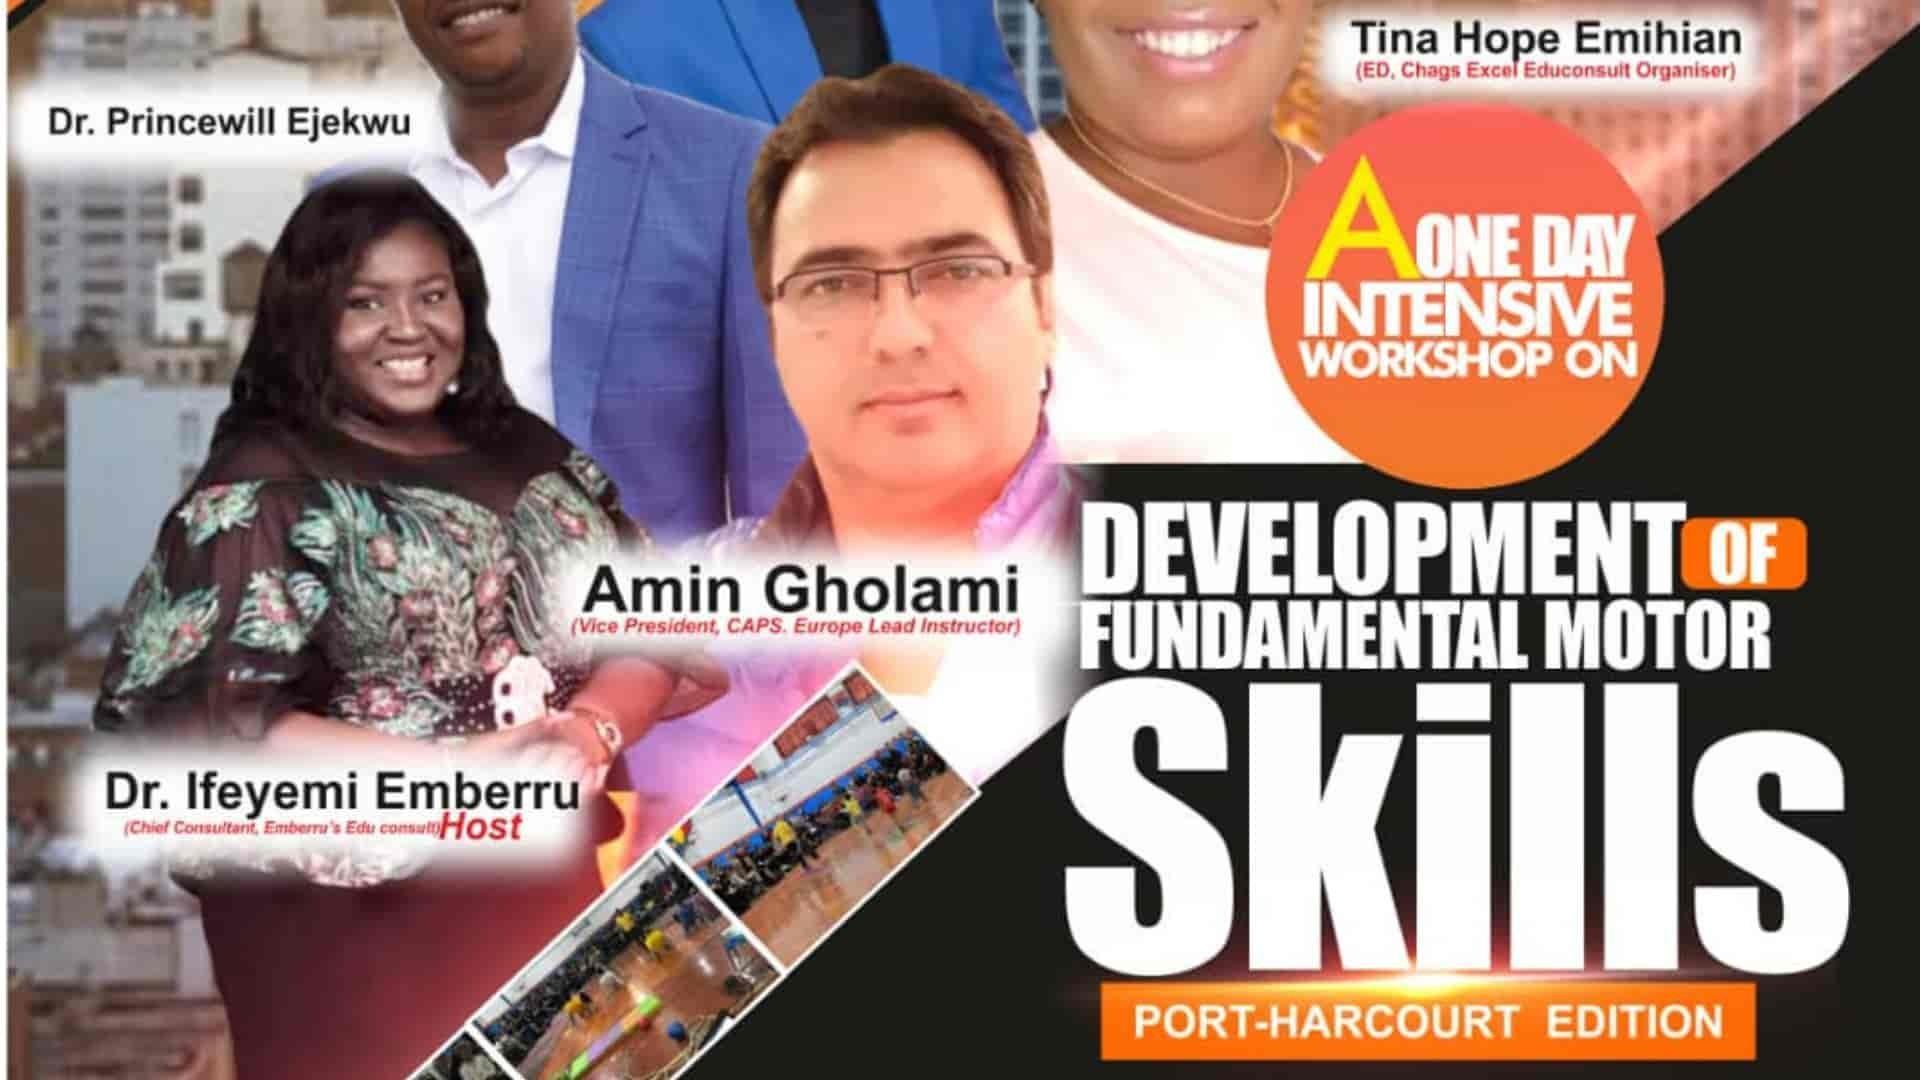 MotorSkillLearning Workshop Port-Harcourt